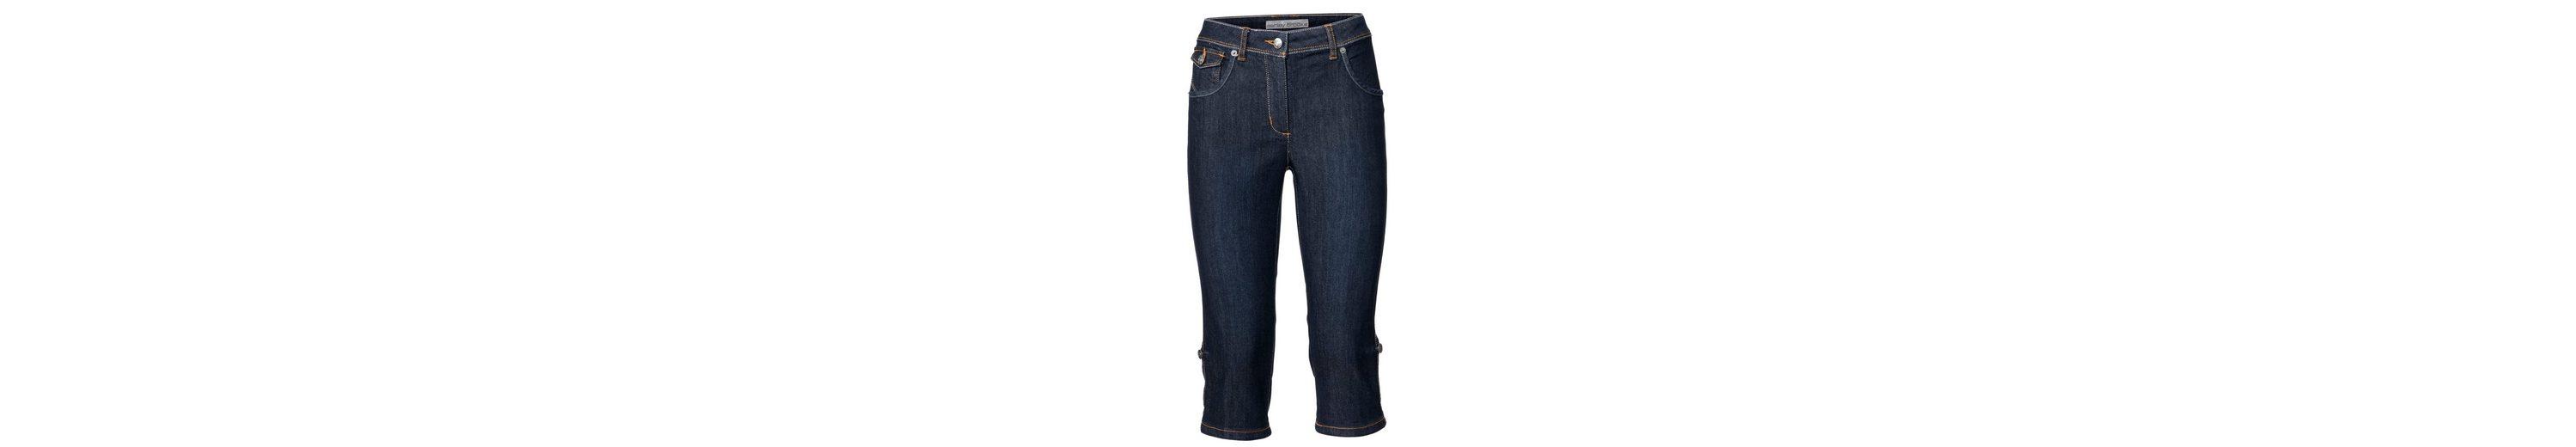 Billig Vorbestellung Freies Verschiffen Truhe Finish ASHLEY BROOKE by Heine Bodyform-Capri-Jeans zum Krempeln Online-Verkauf Online Online Shop 8vEVt5s